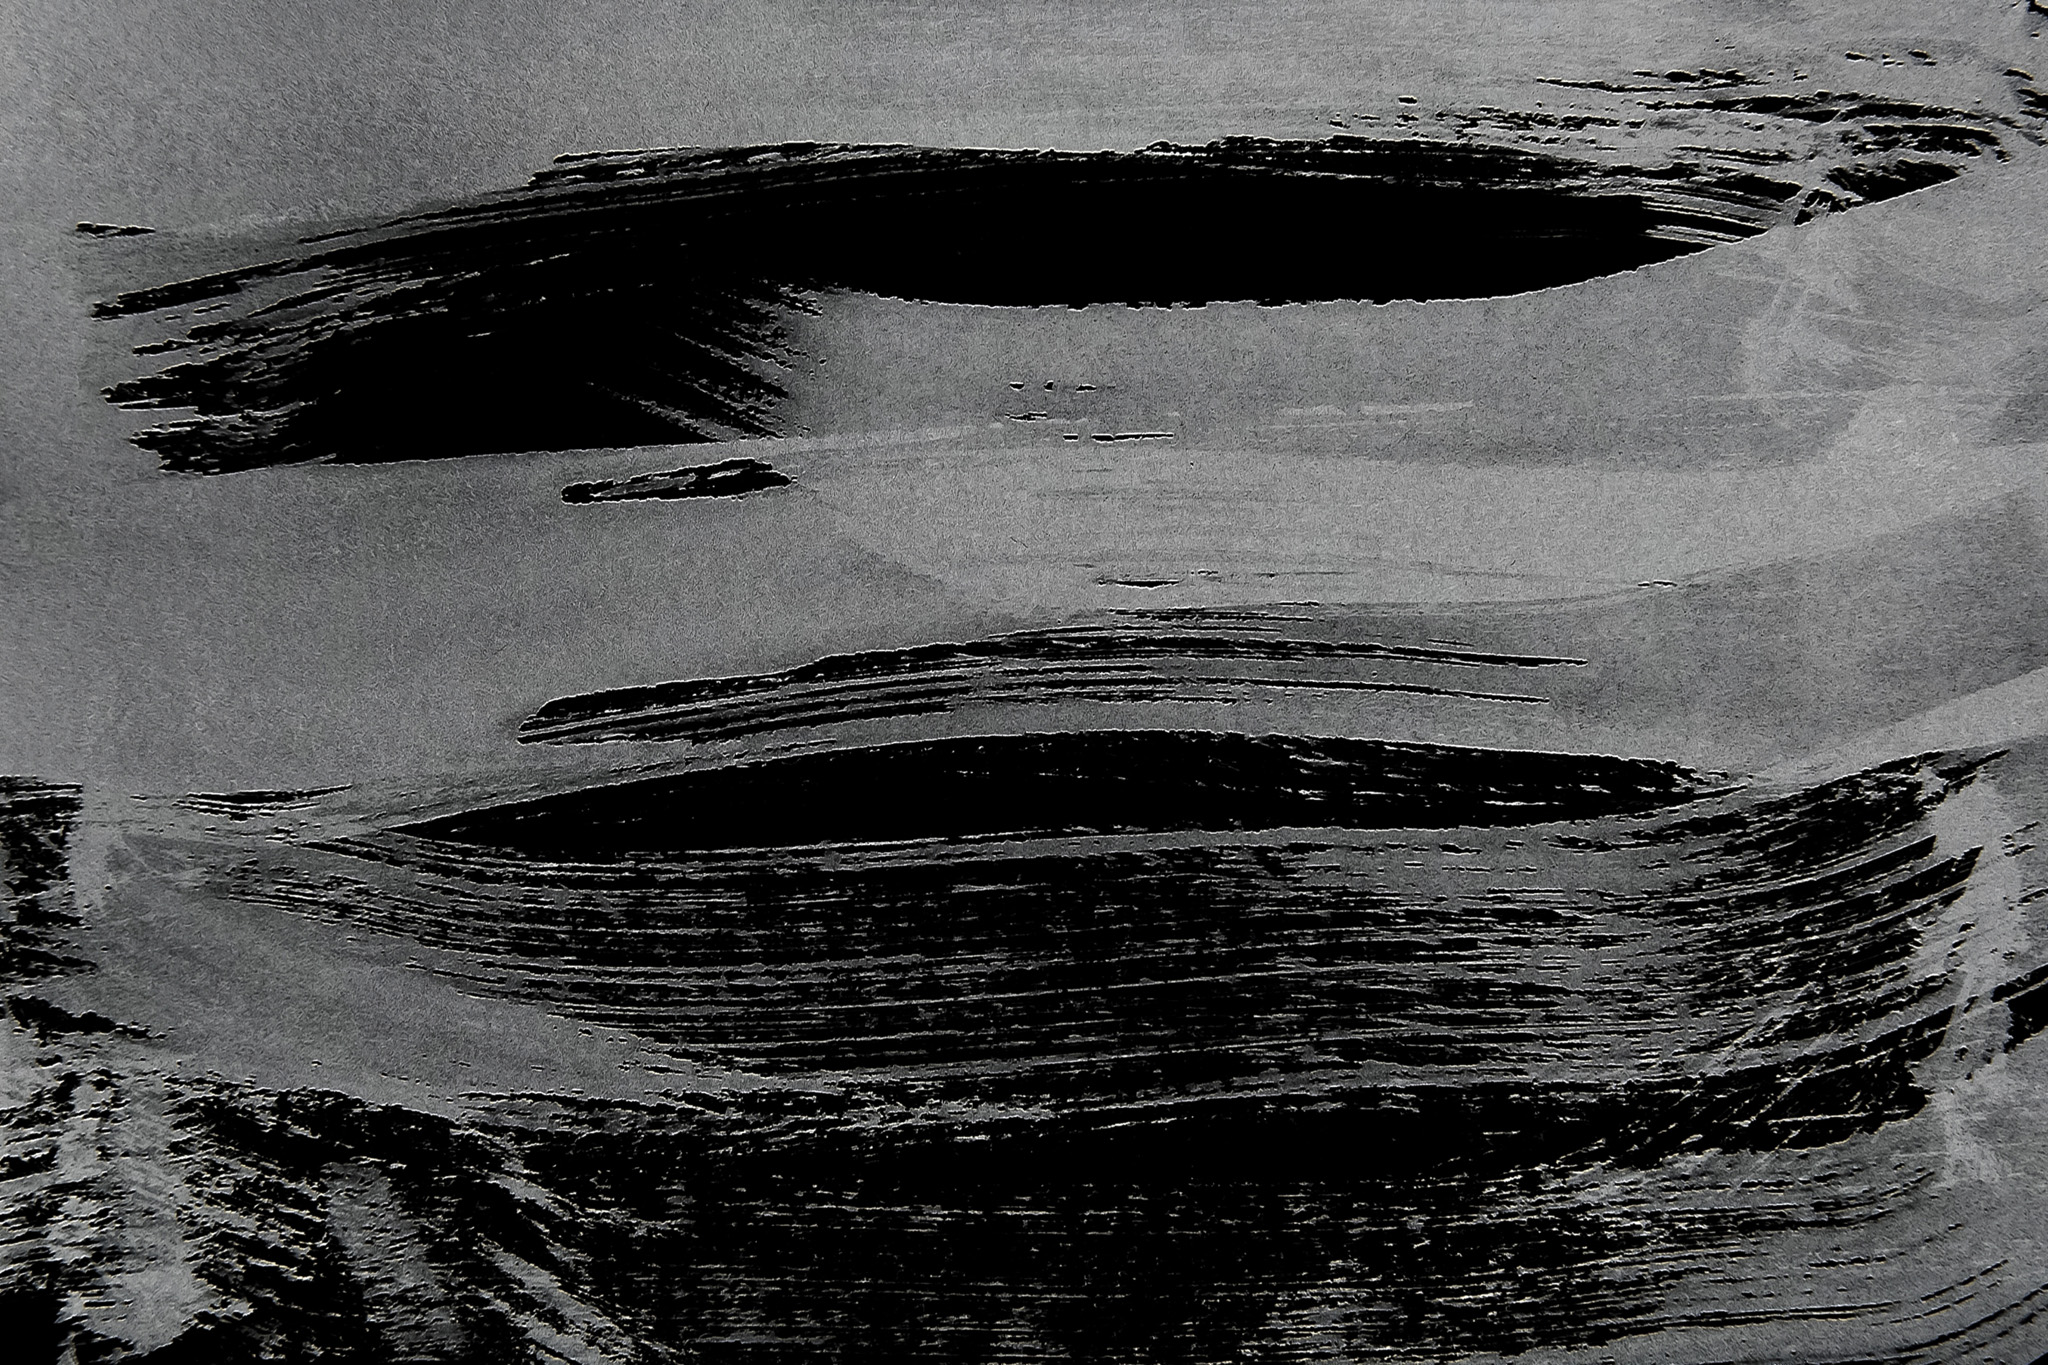 「白の筆跡がある黒背景」